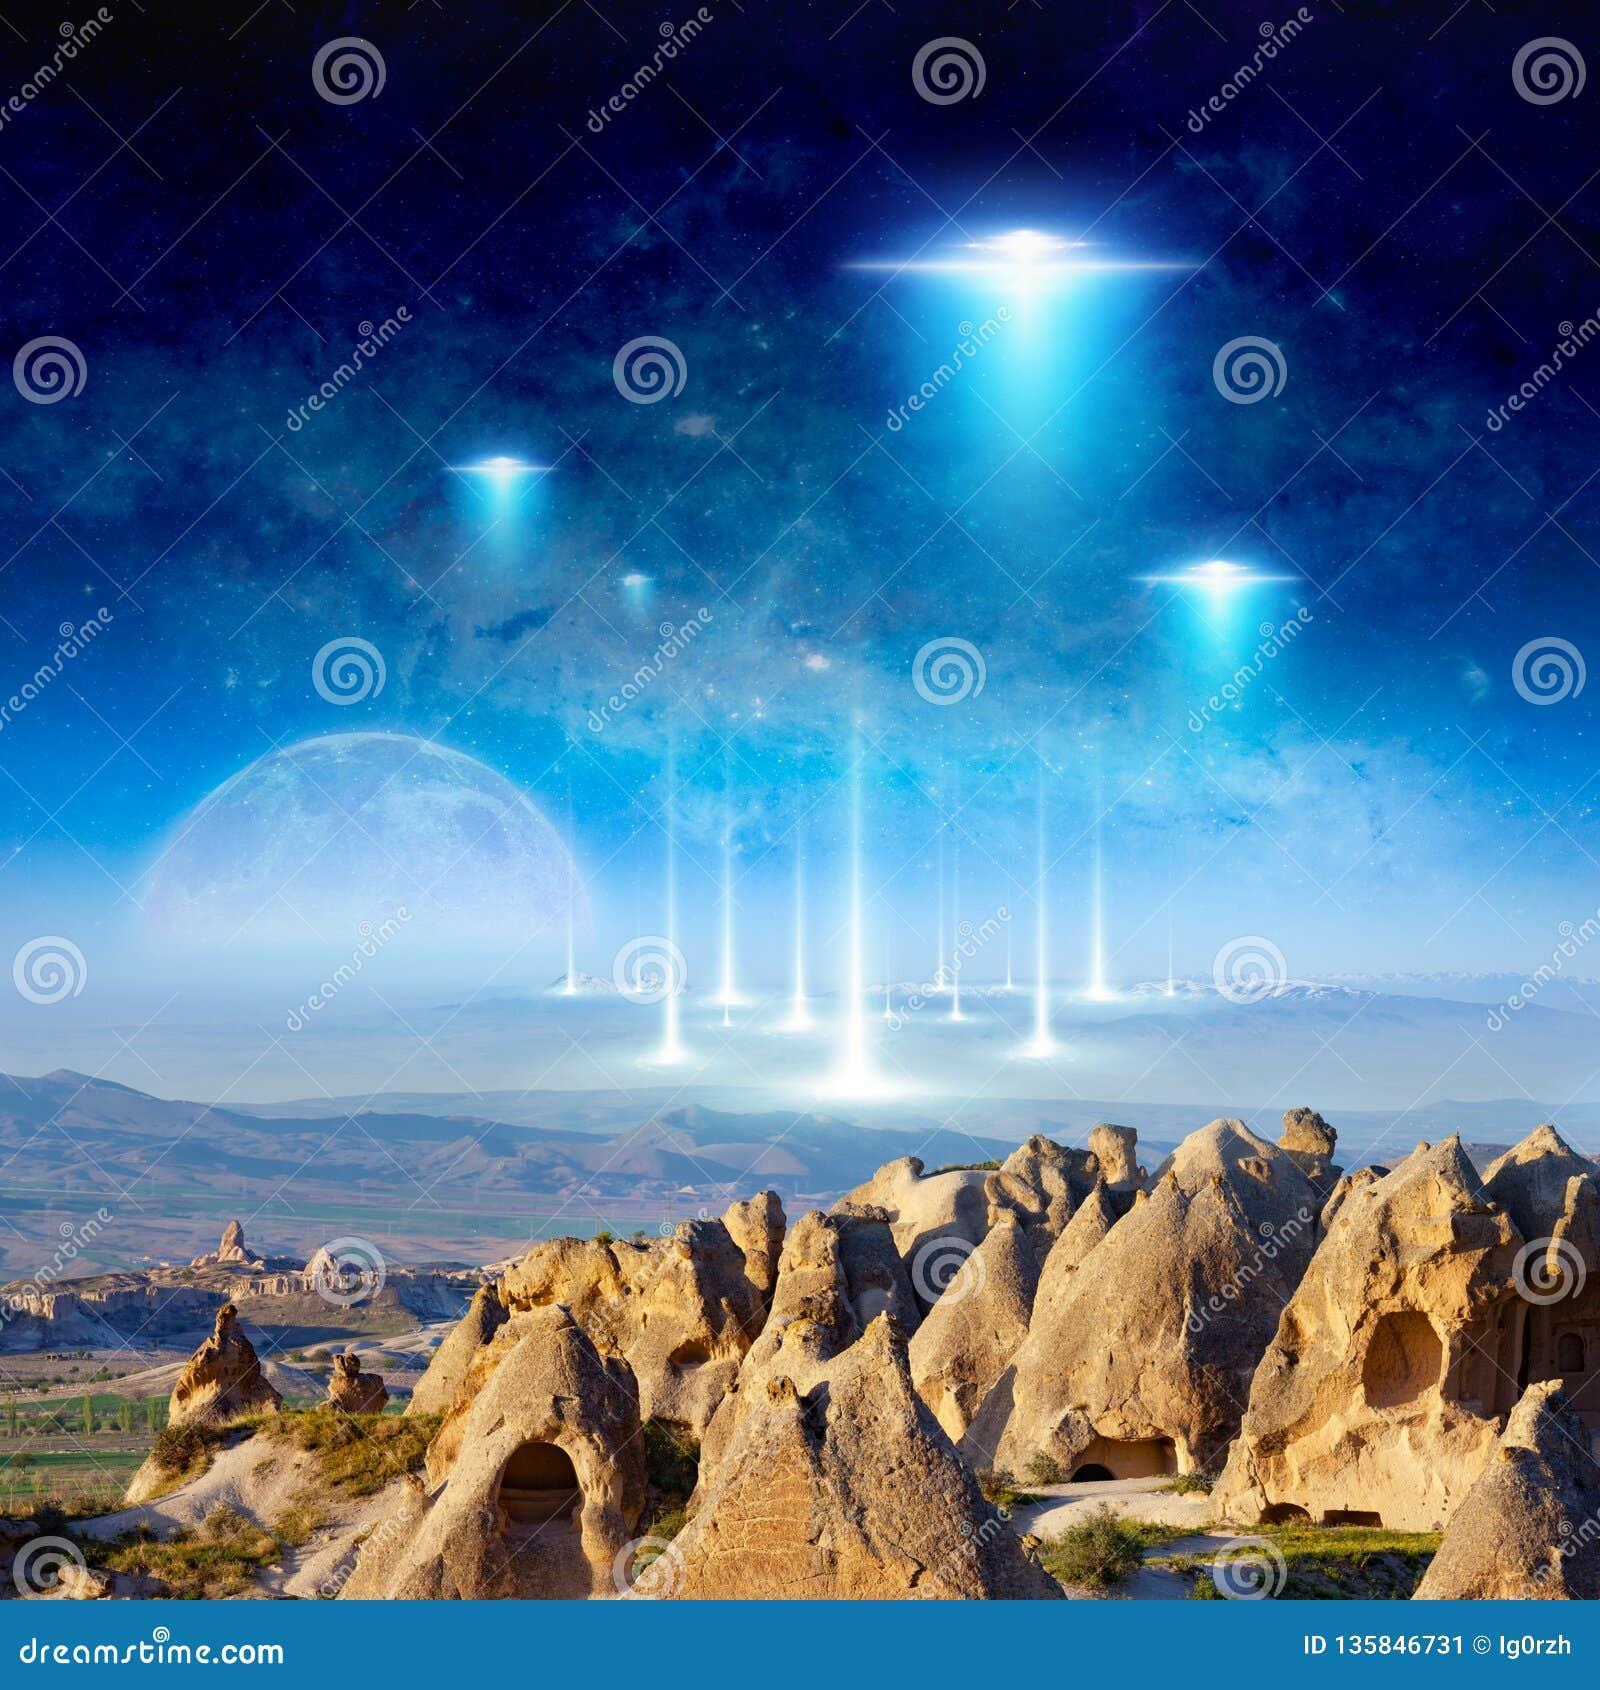 Mosca de la nave espacial de los extranjeros de Eextraterrestrial sobre terreno surrealista